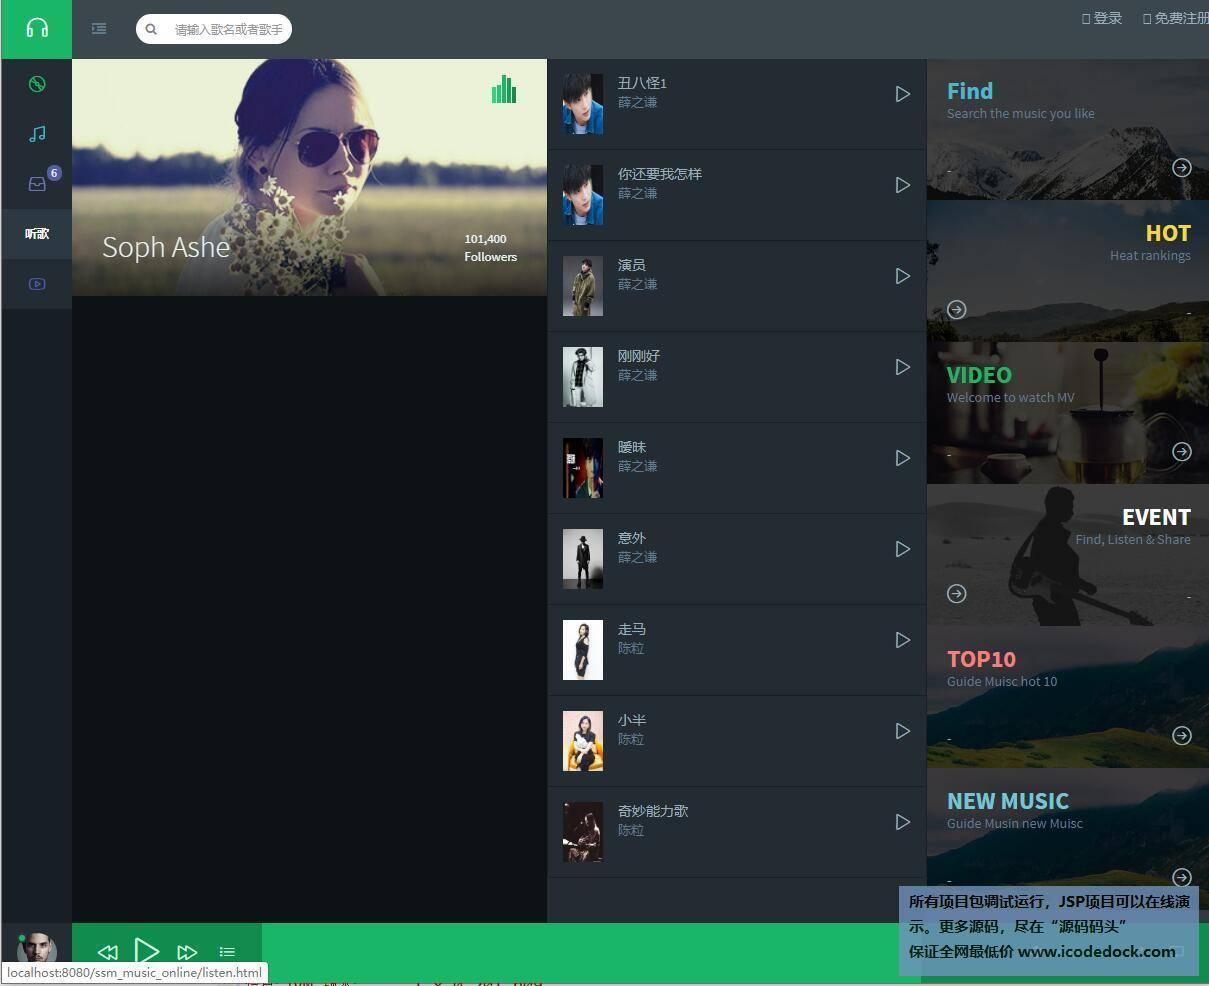 源码码头-SSM在线音乐视频MV管理系统-用户角色-听歌界面